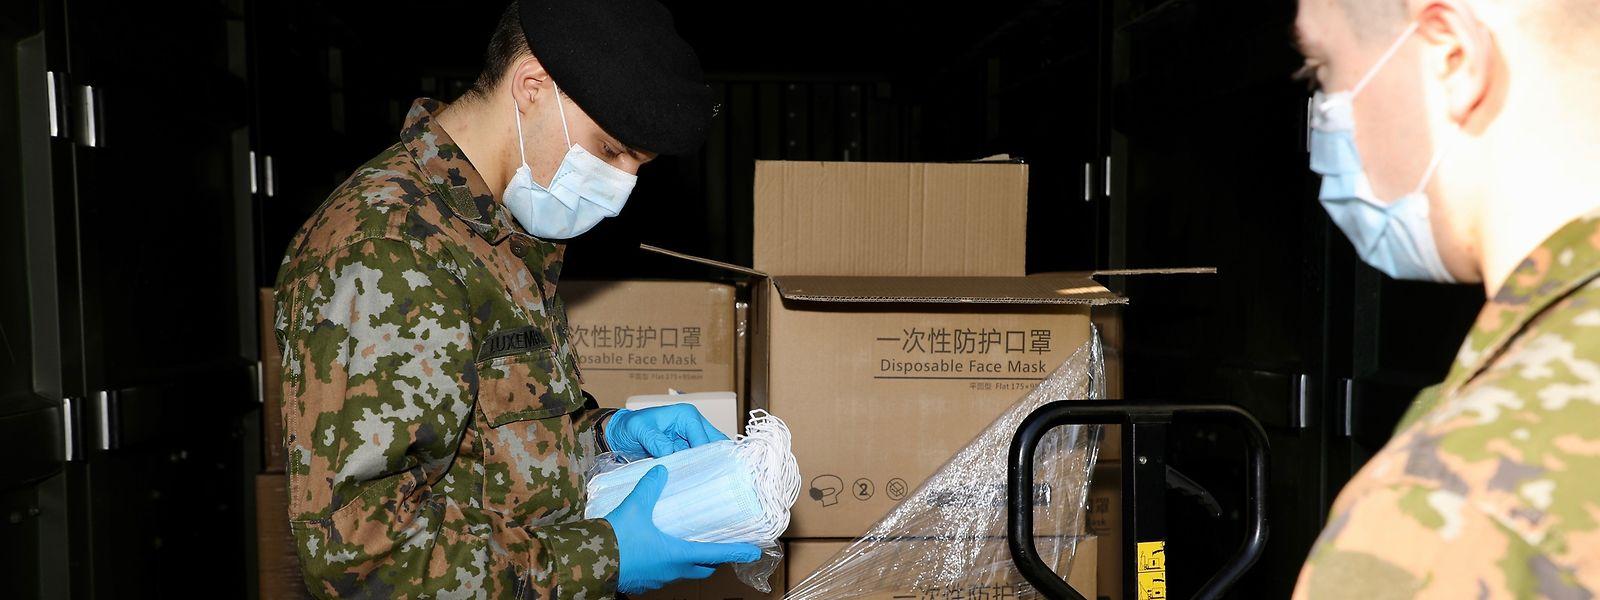 L'armée avait déjà été employée pour assurer la distribution des masques aux artisans luxembourgeois.